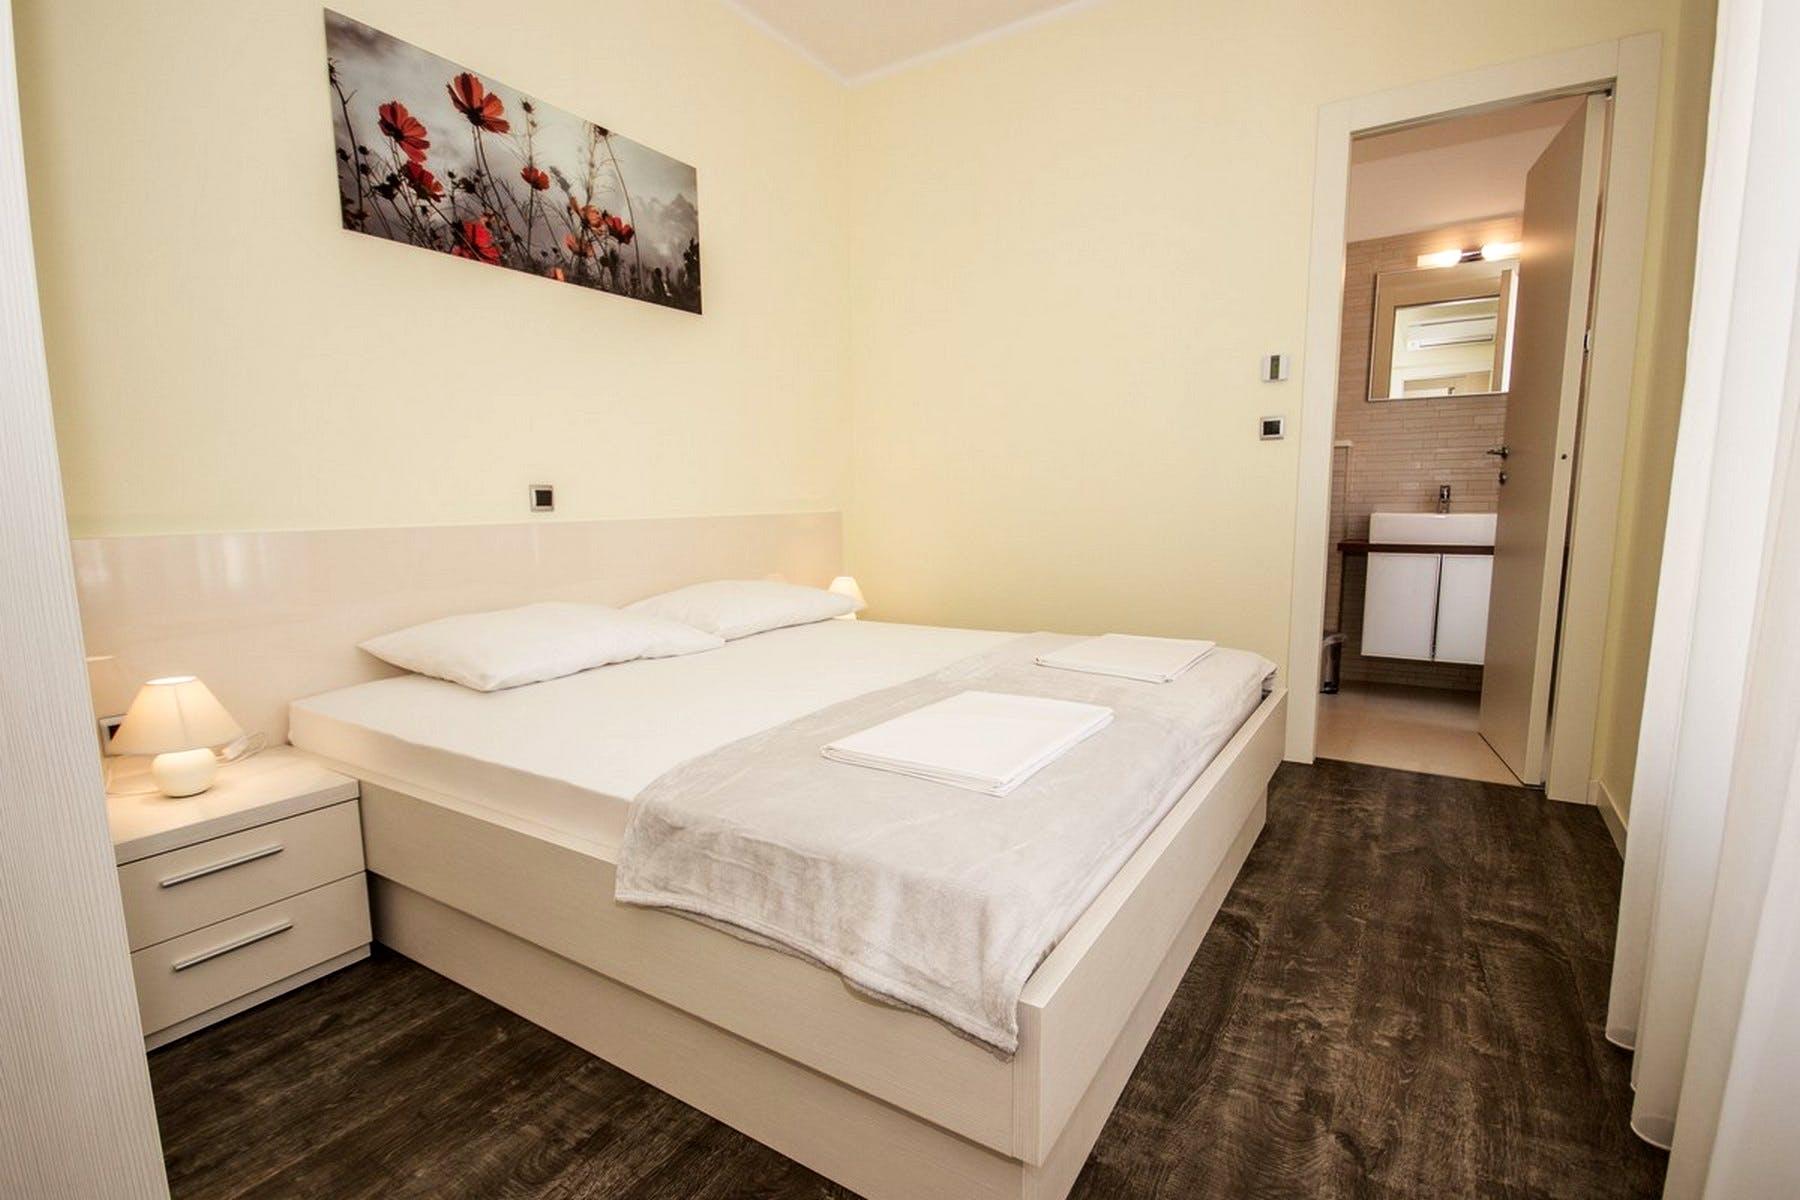 Comfortable double bedroom with en-suite bathroom